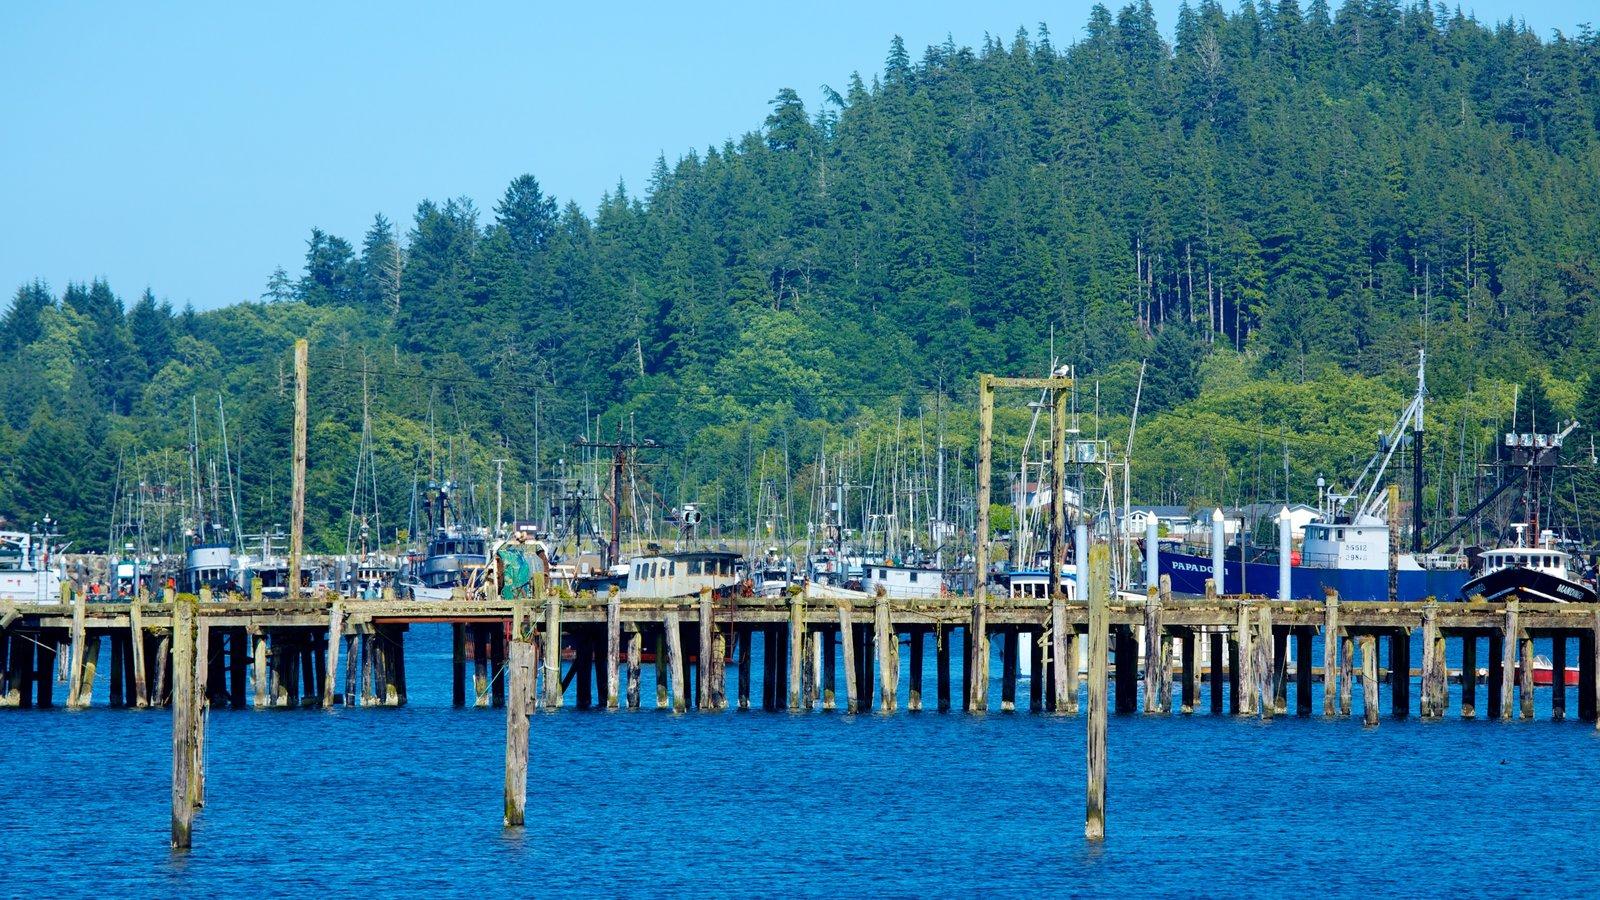 Neah Bay caracterizando canoagem, uma marina e uma baía ou porto